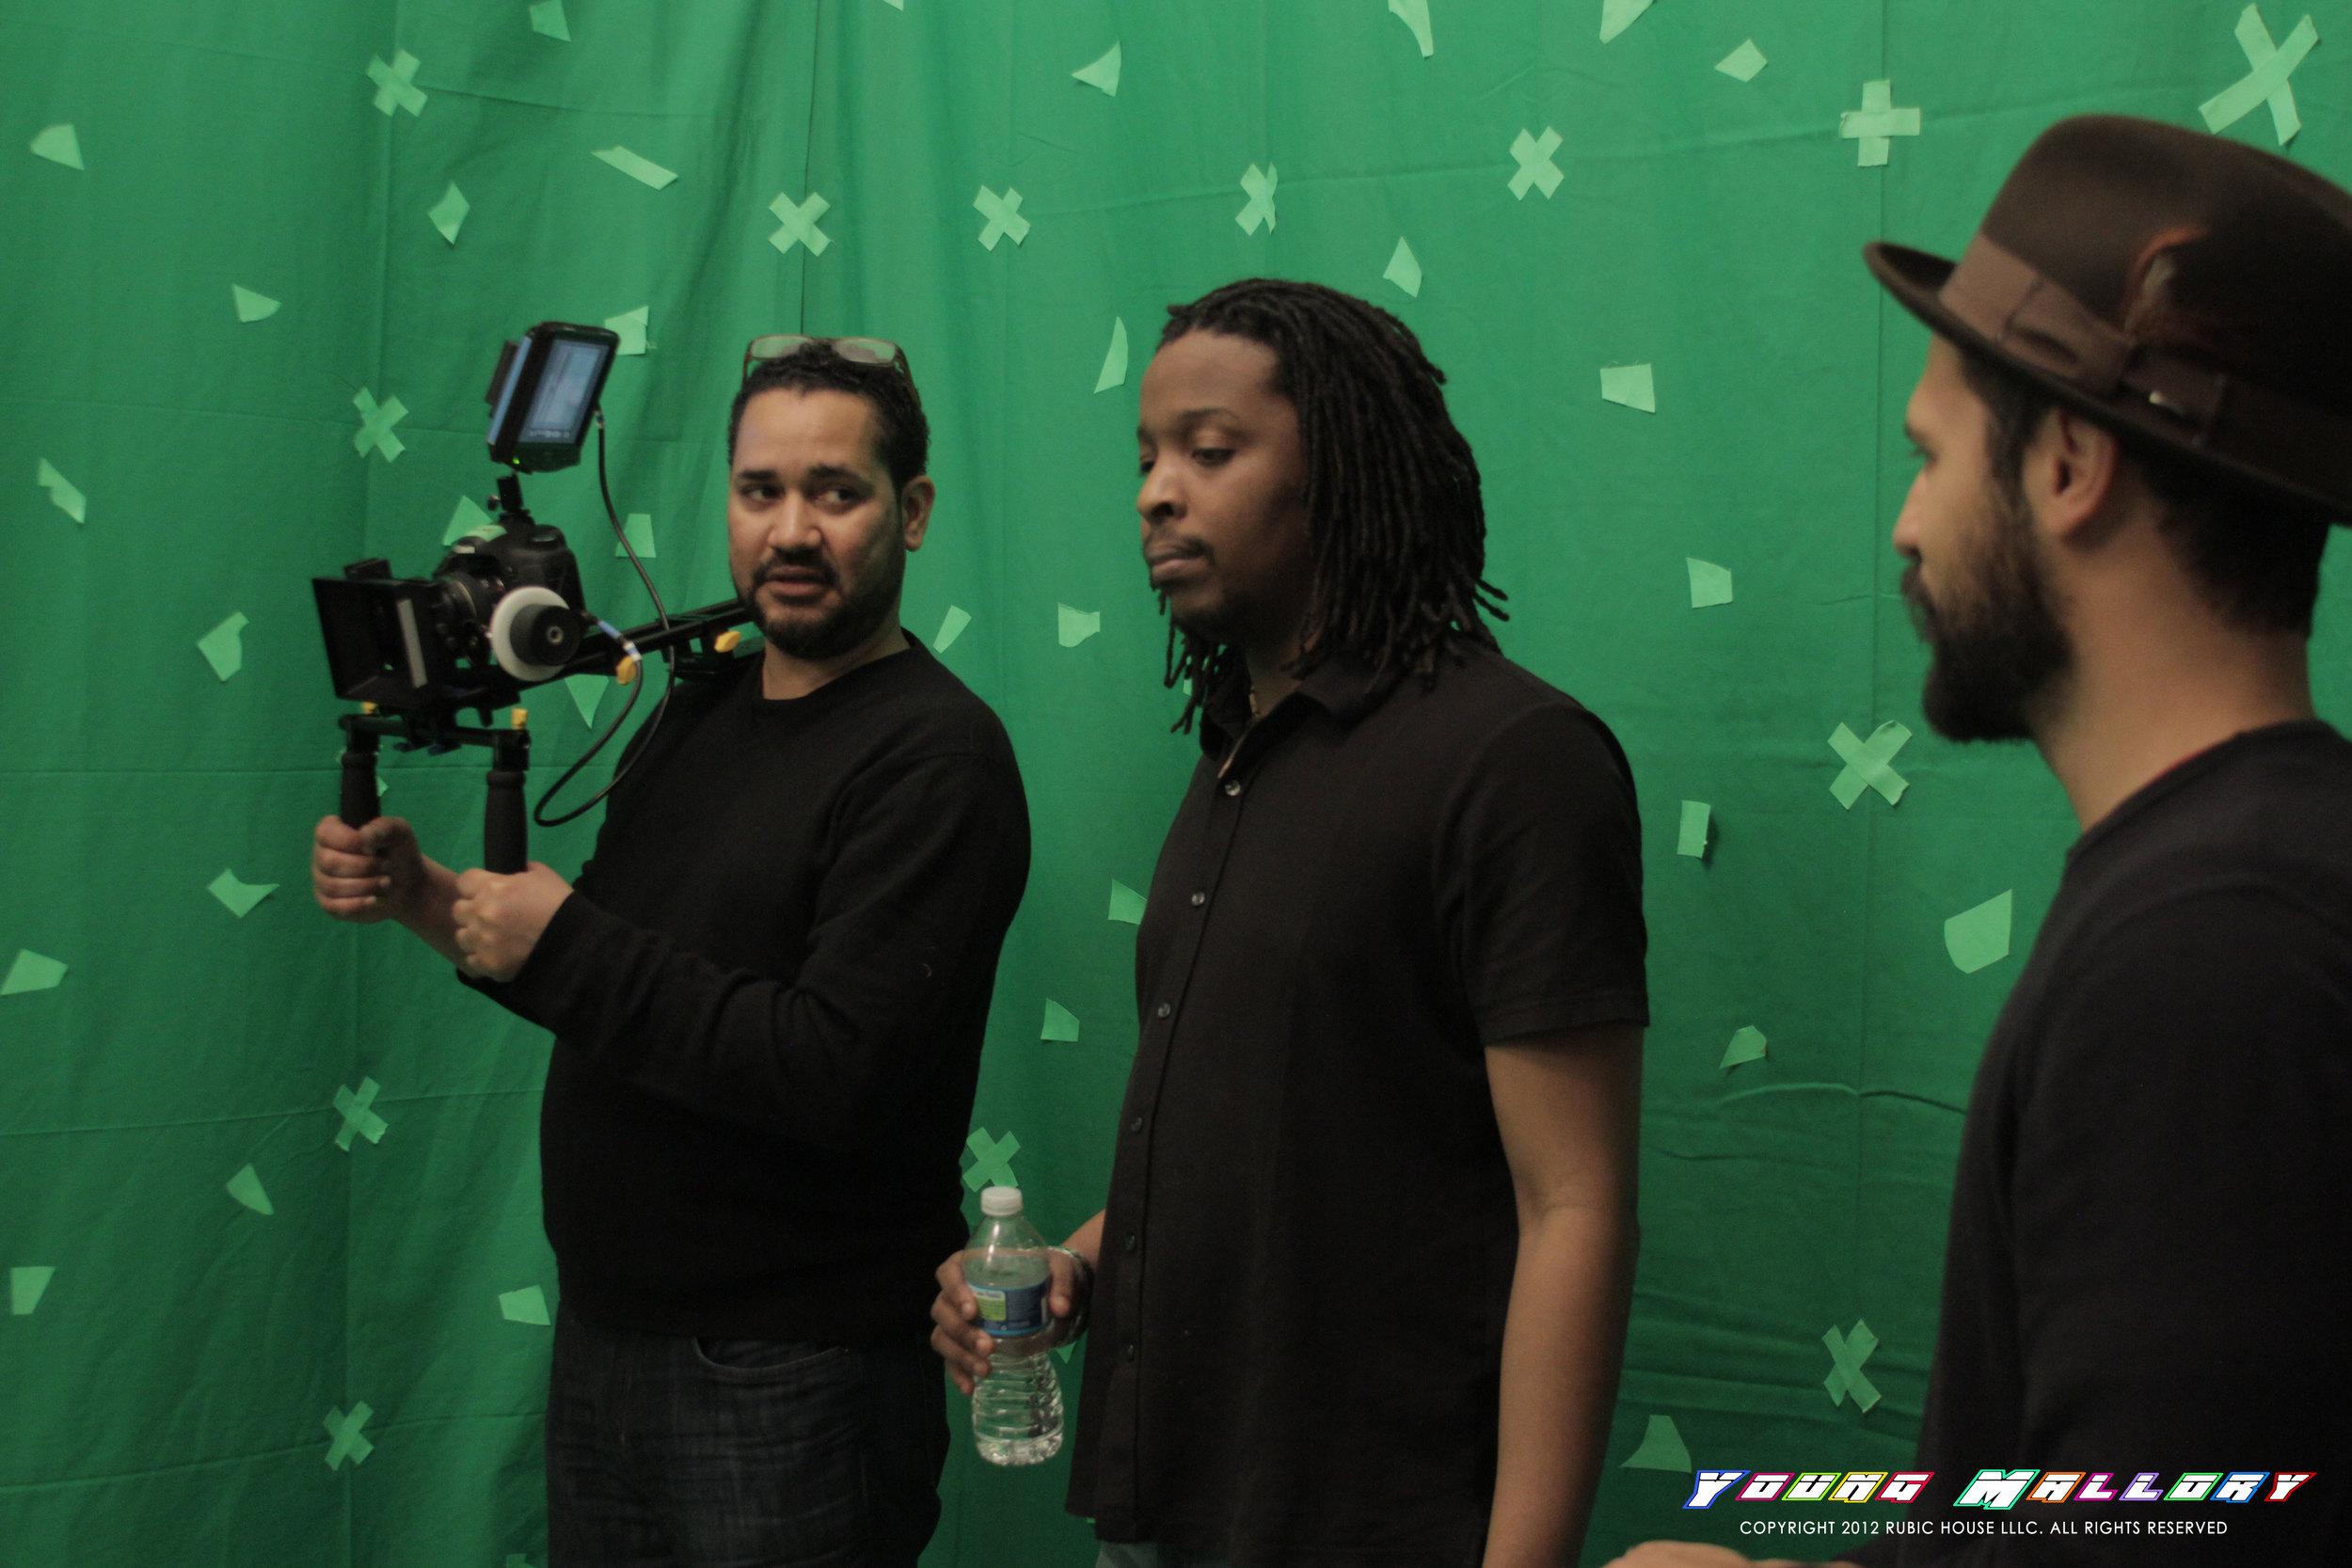 behind-the-scenes-photo-11.jpg